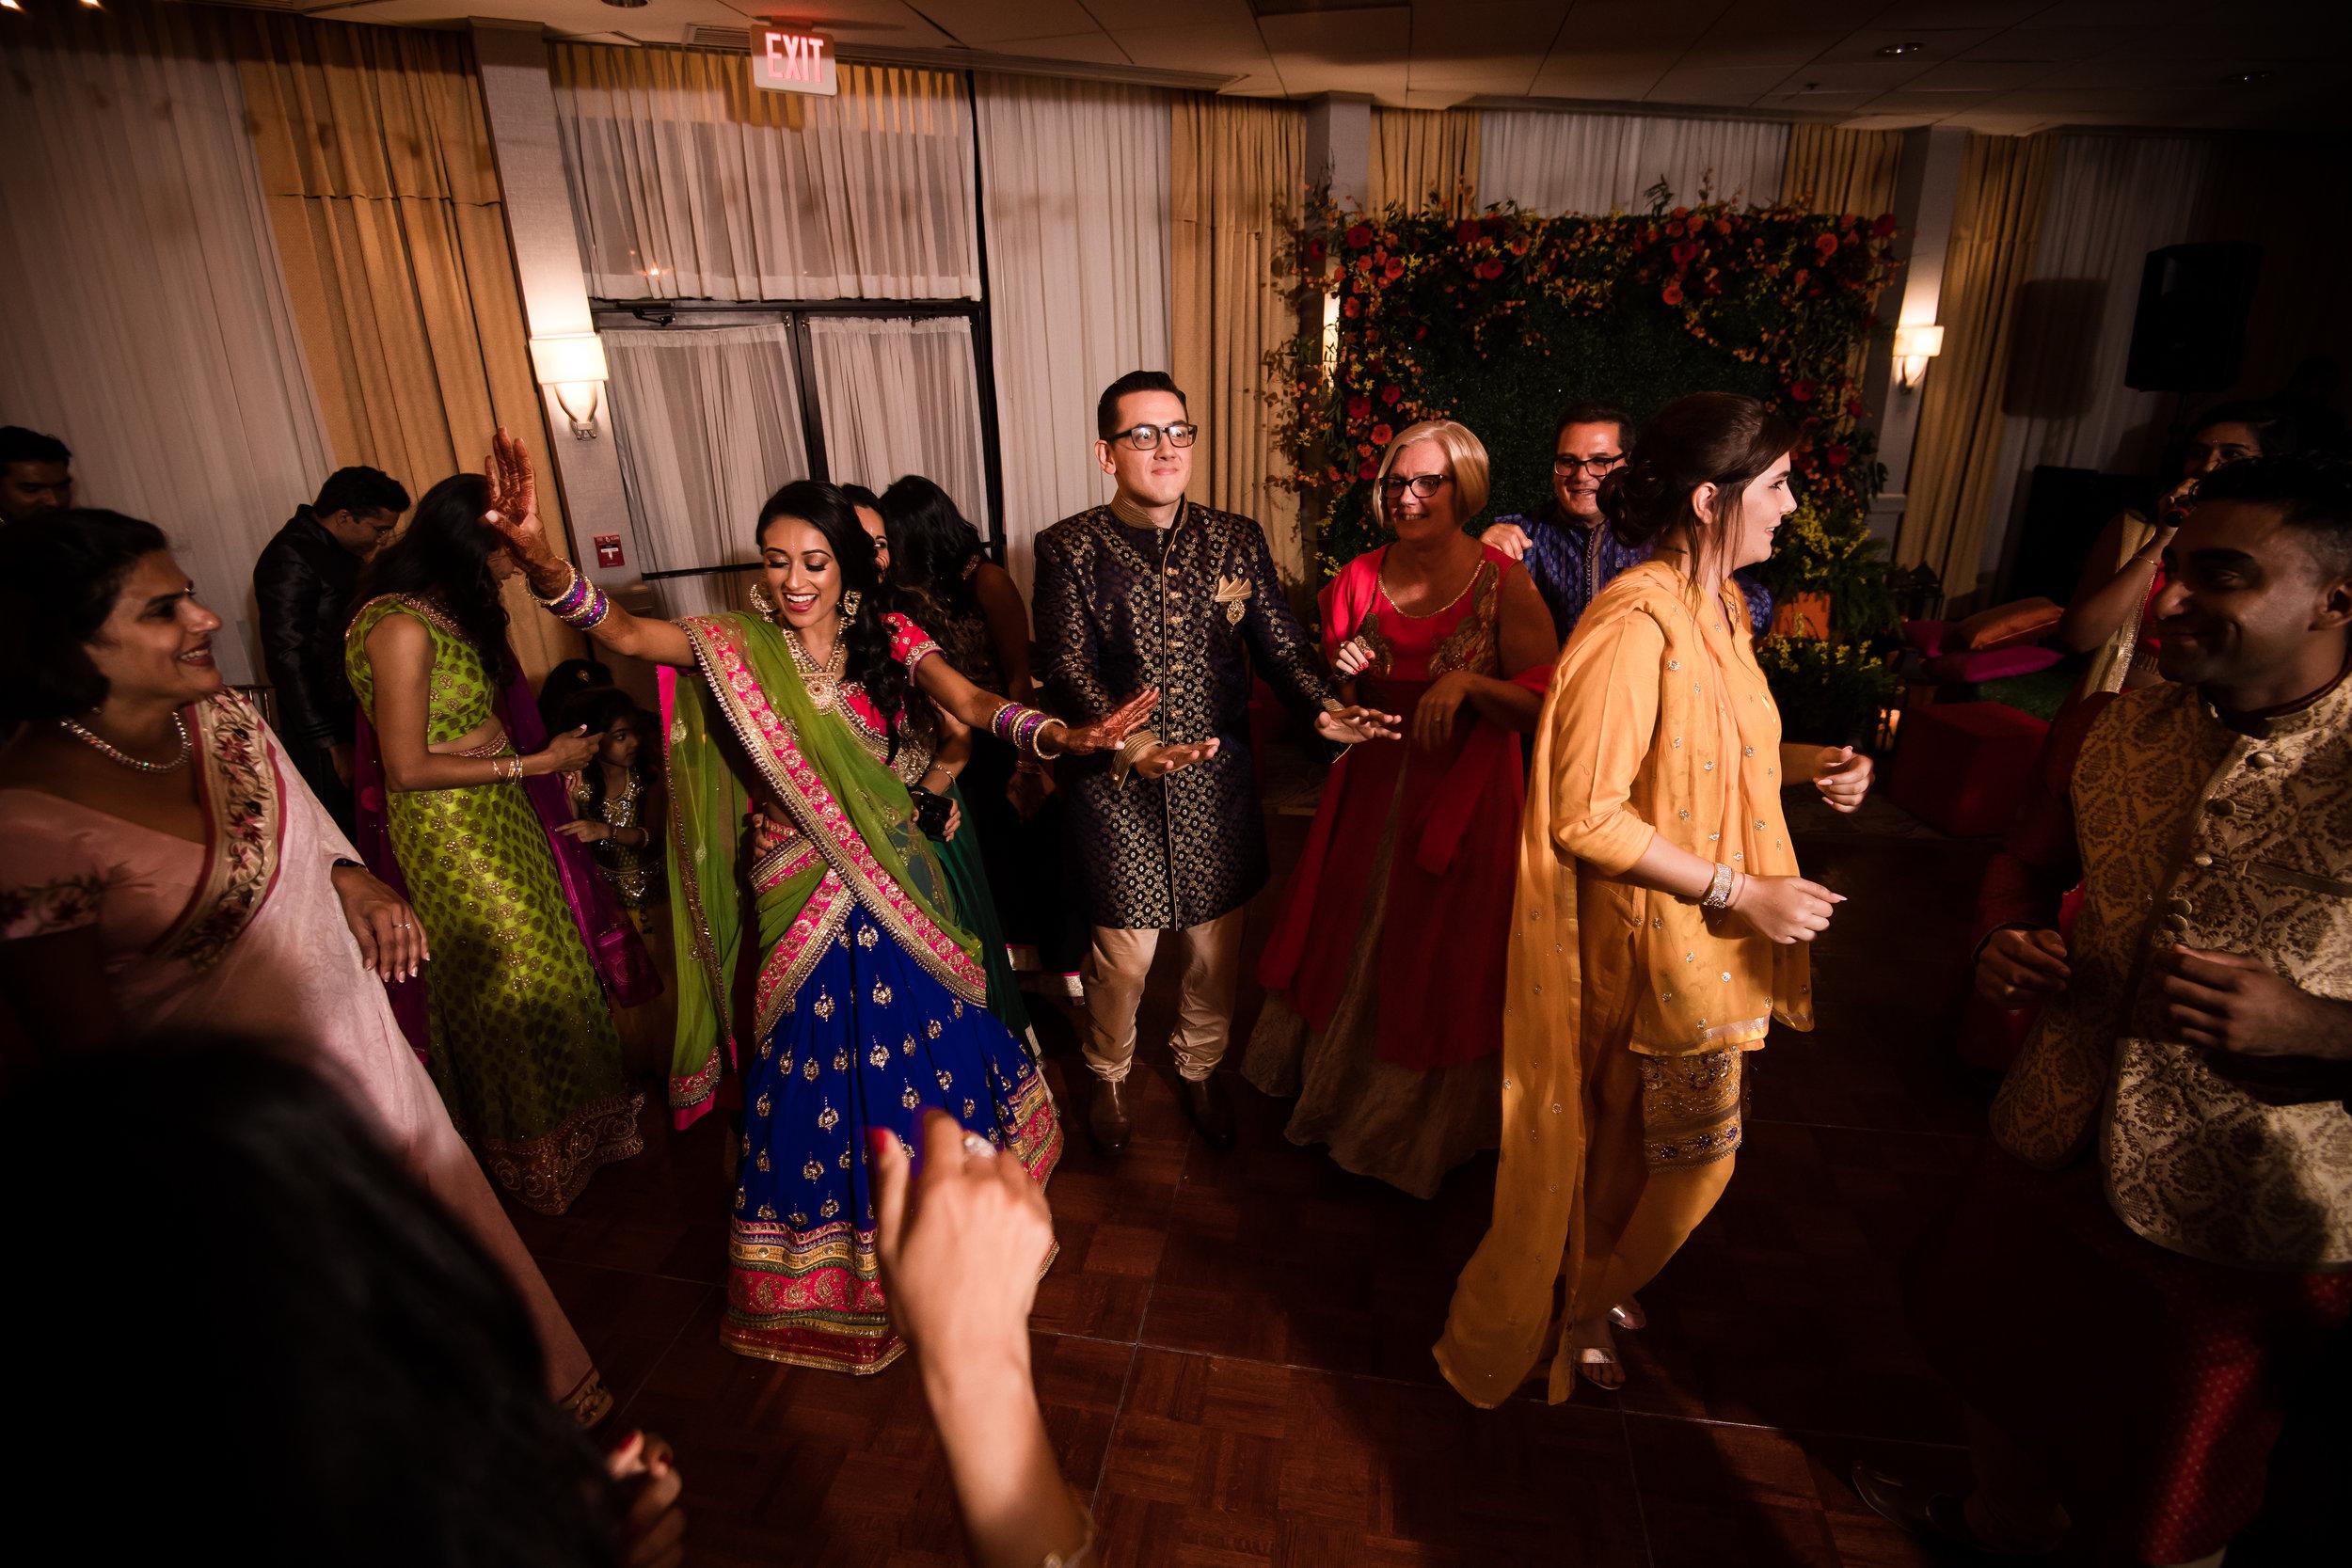 INDIAN WEDDING SANGEET BRIDE AND GROOM.jpg